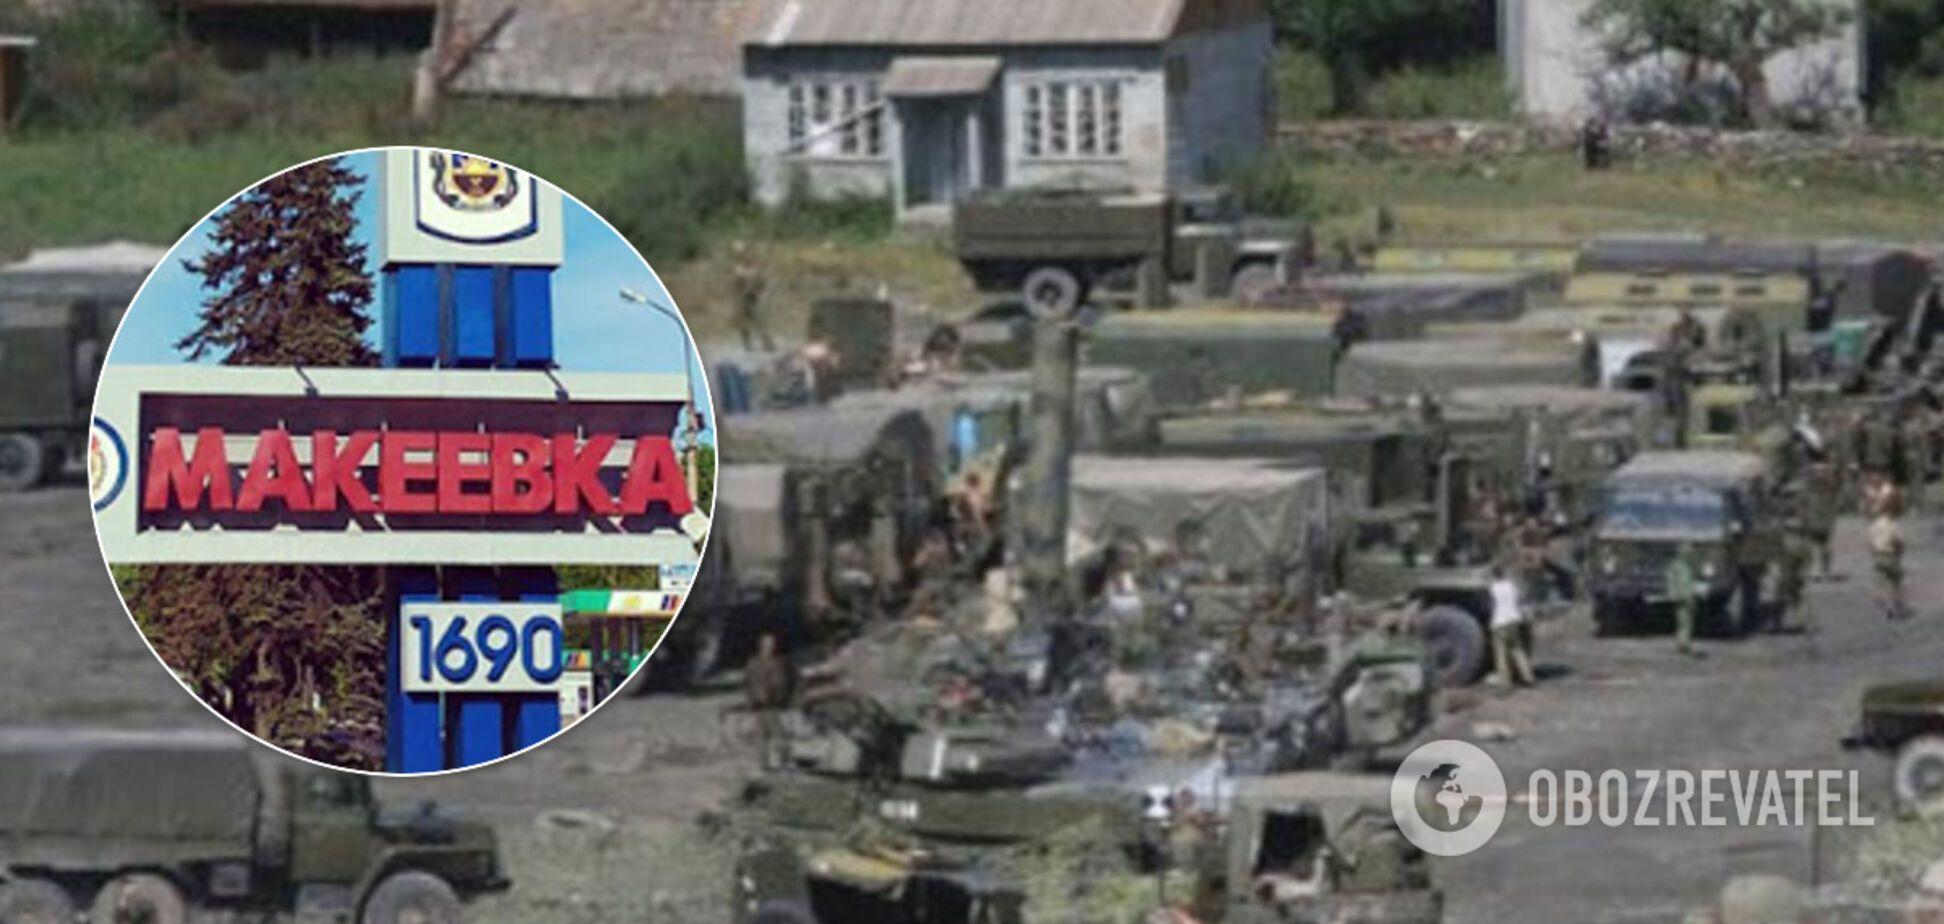 'ДНР' облаштувала військову базу серед житлових будинків, її показали на мапі